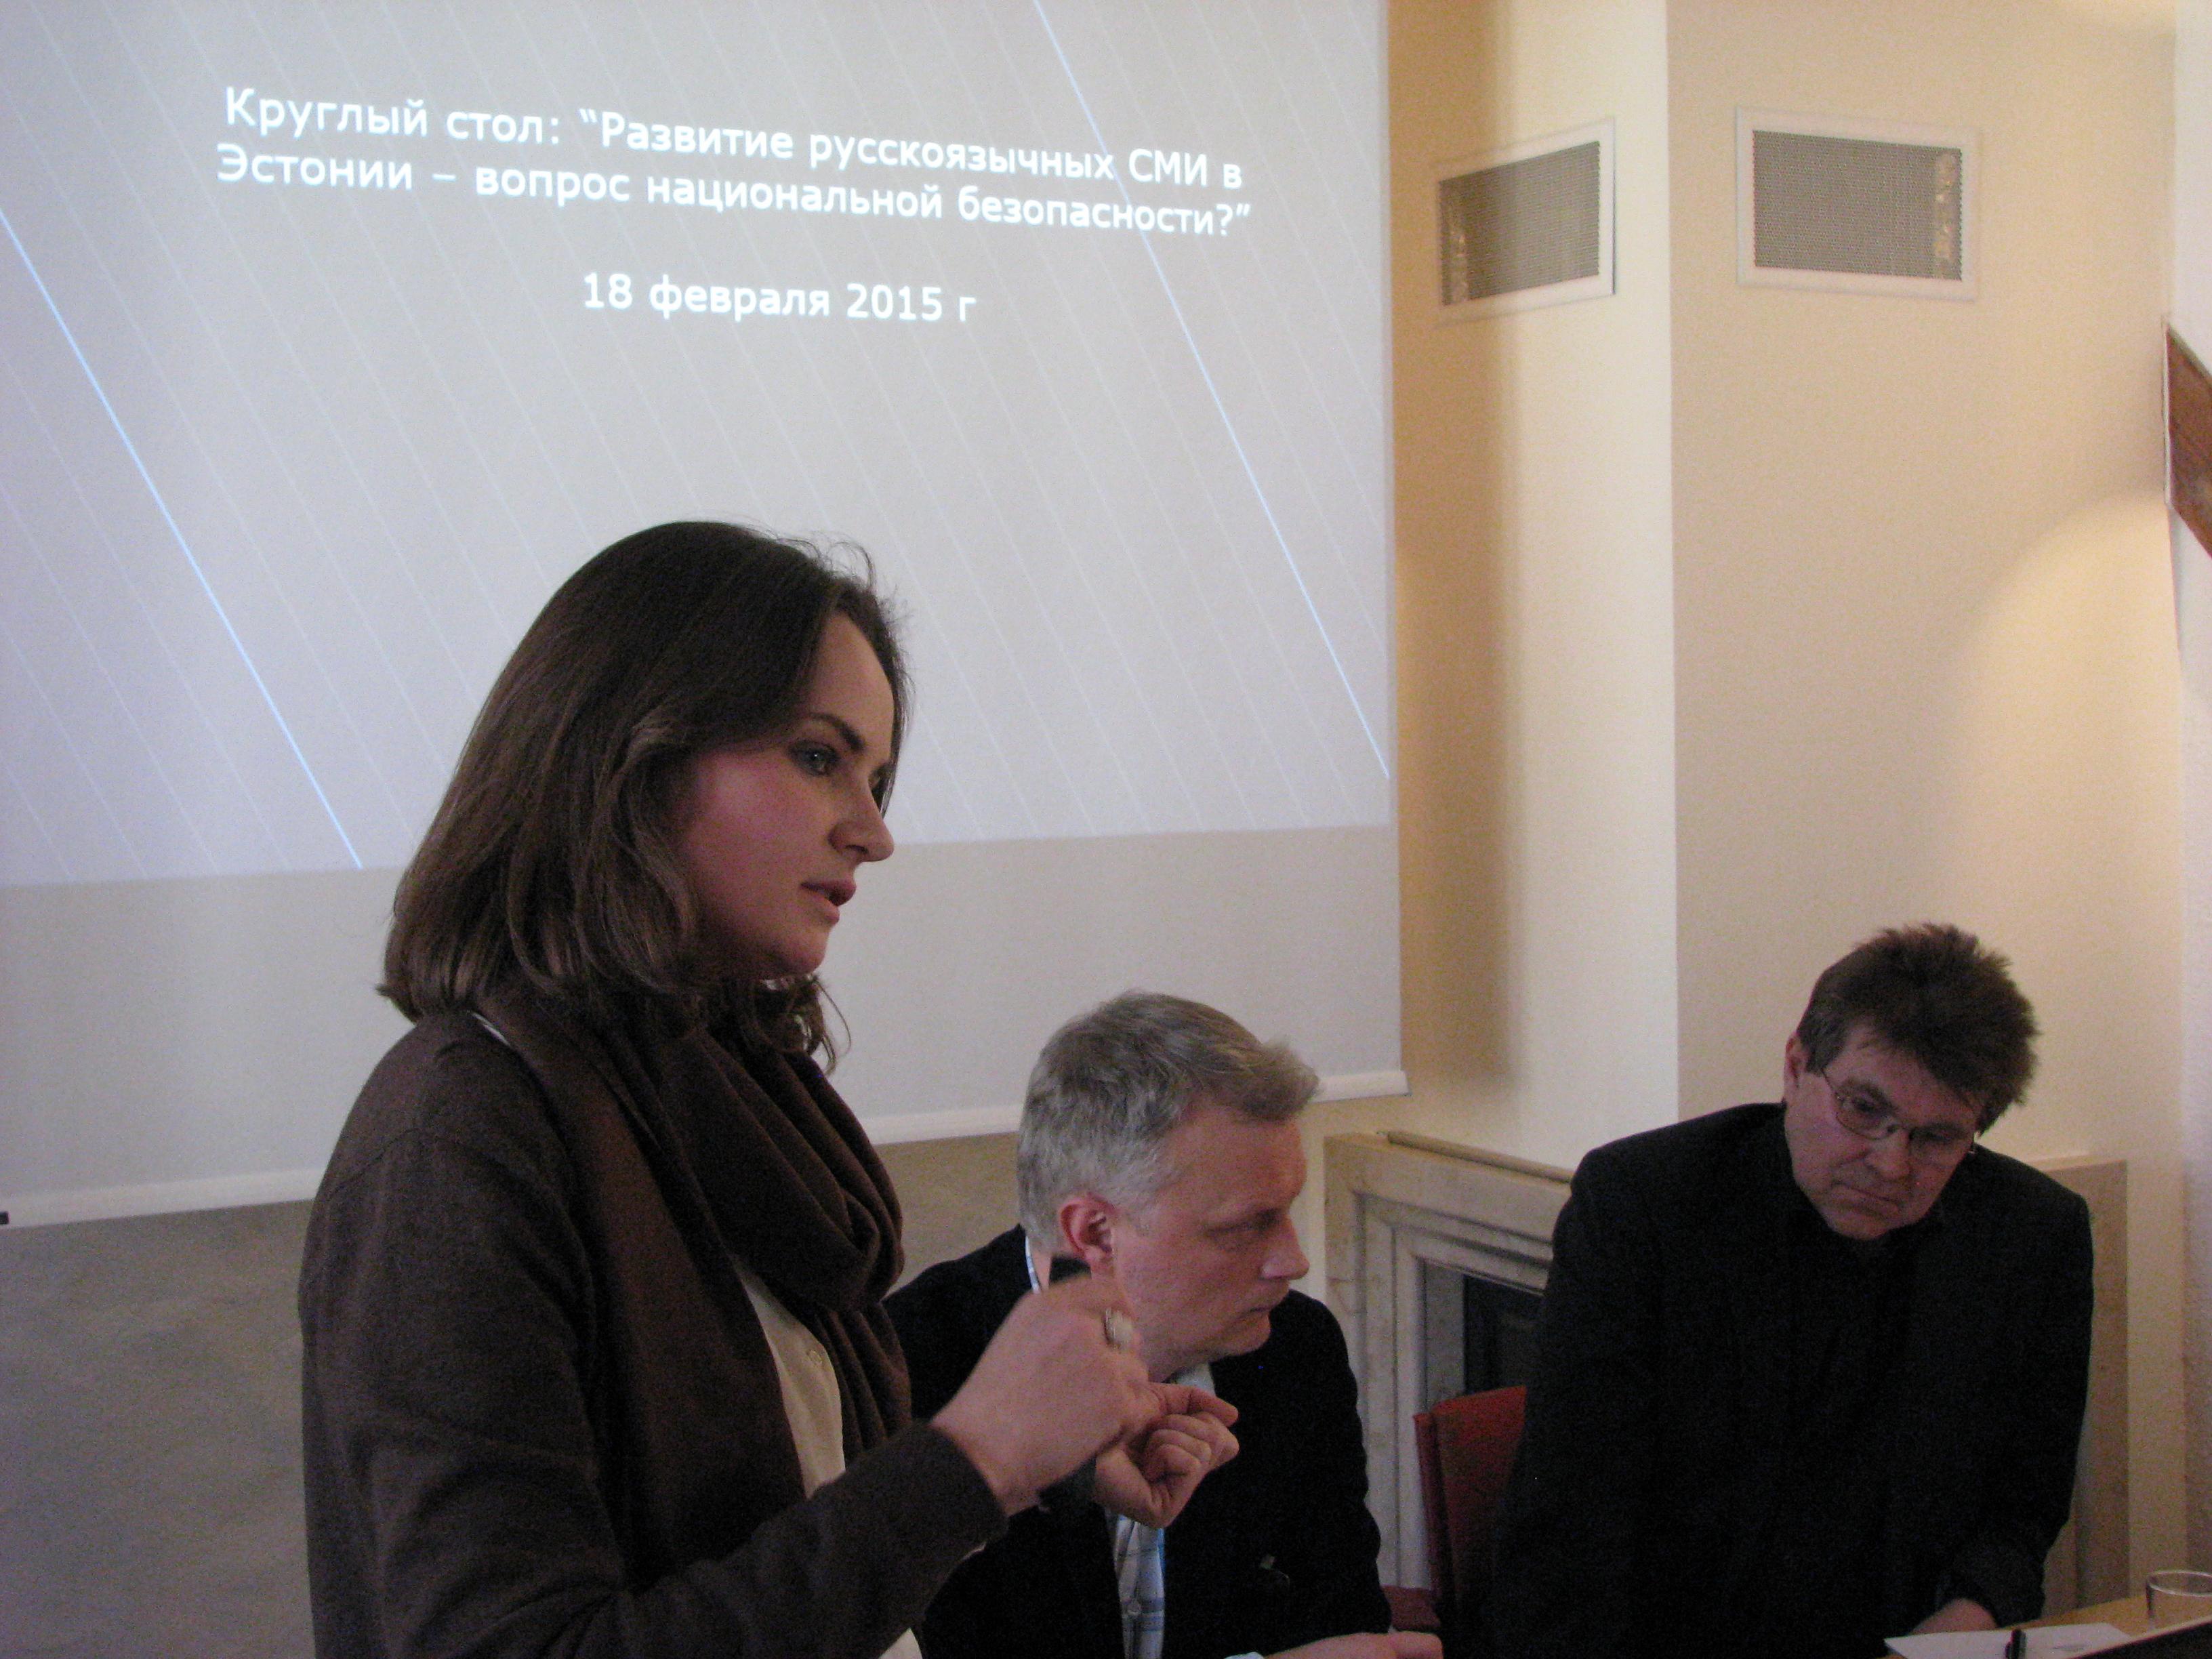 Image for Интервью исследователей МЦОБ с Радио 4 на тему русскоязычных СМИ в Эстонии